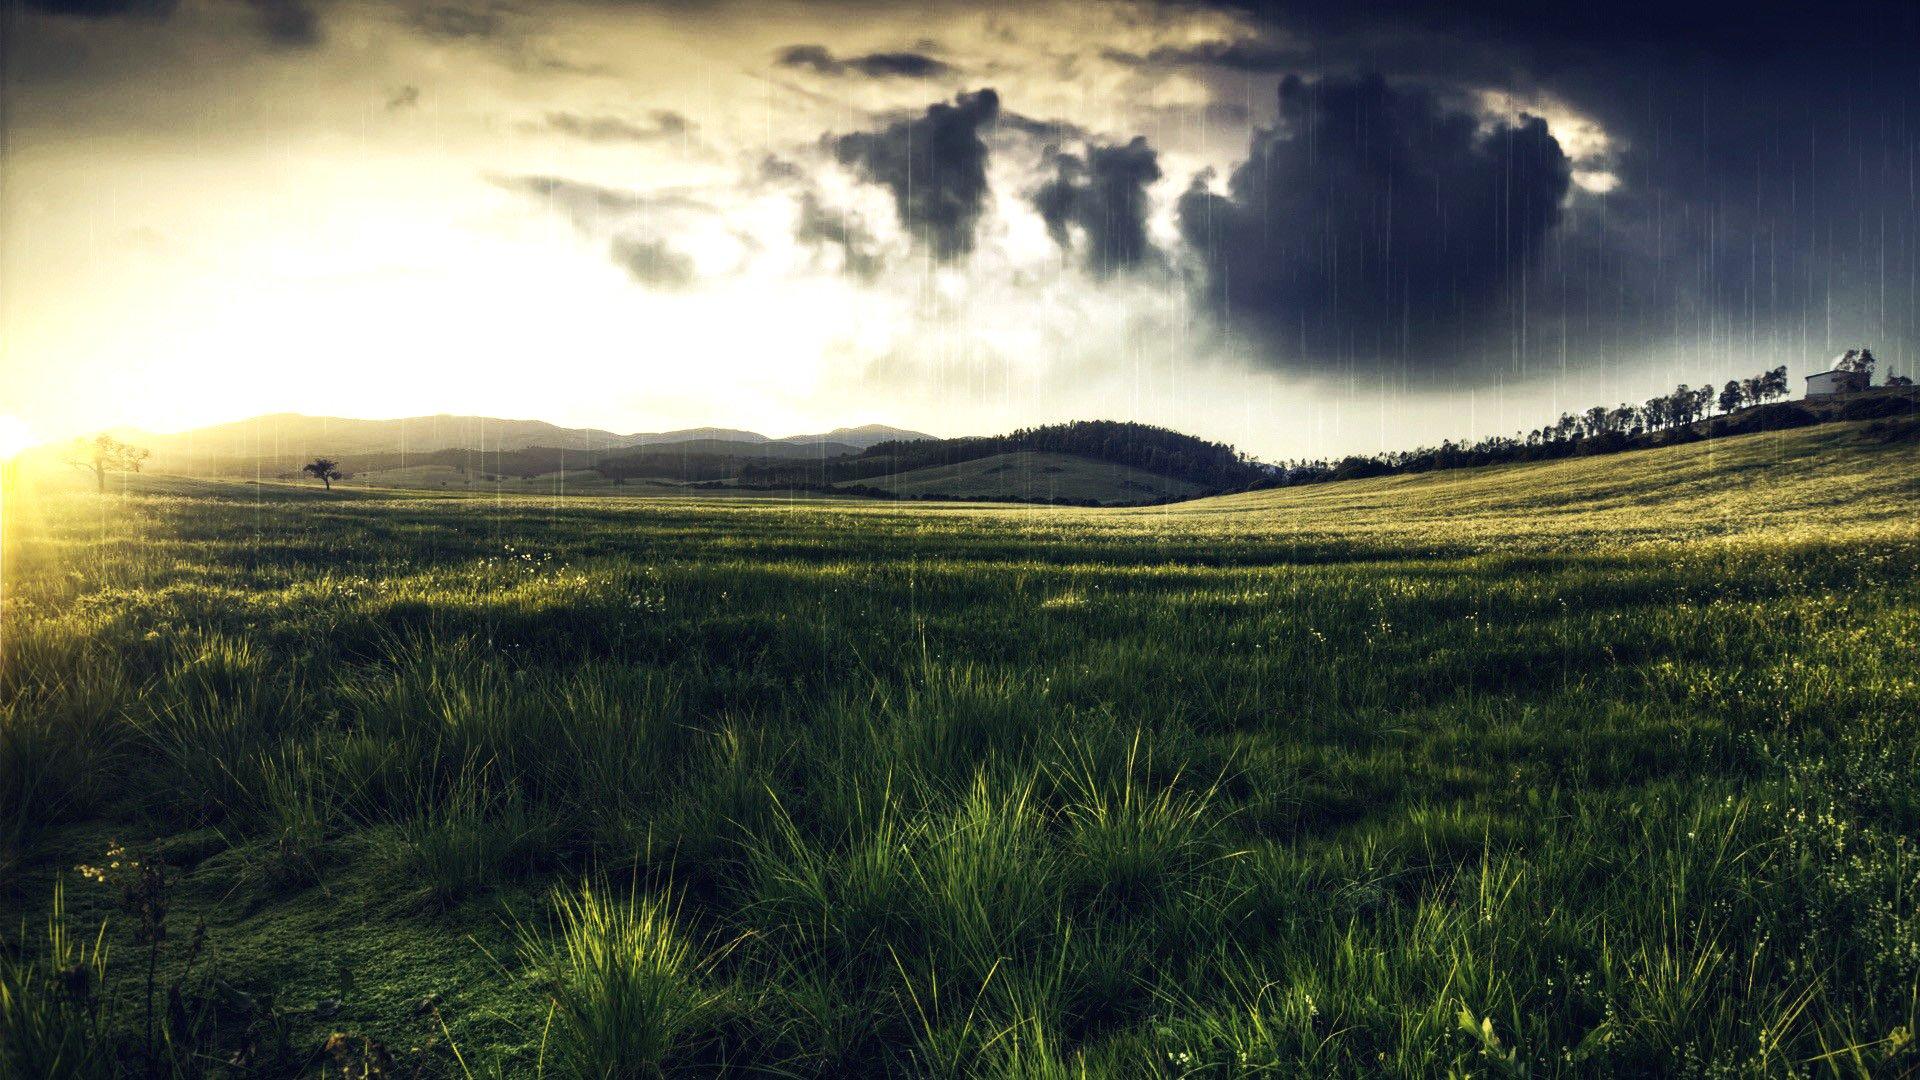 rainy day 4k wallpaper - photo #33